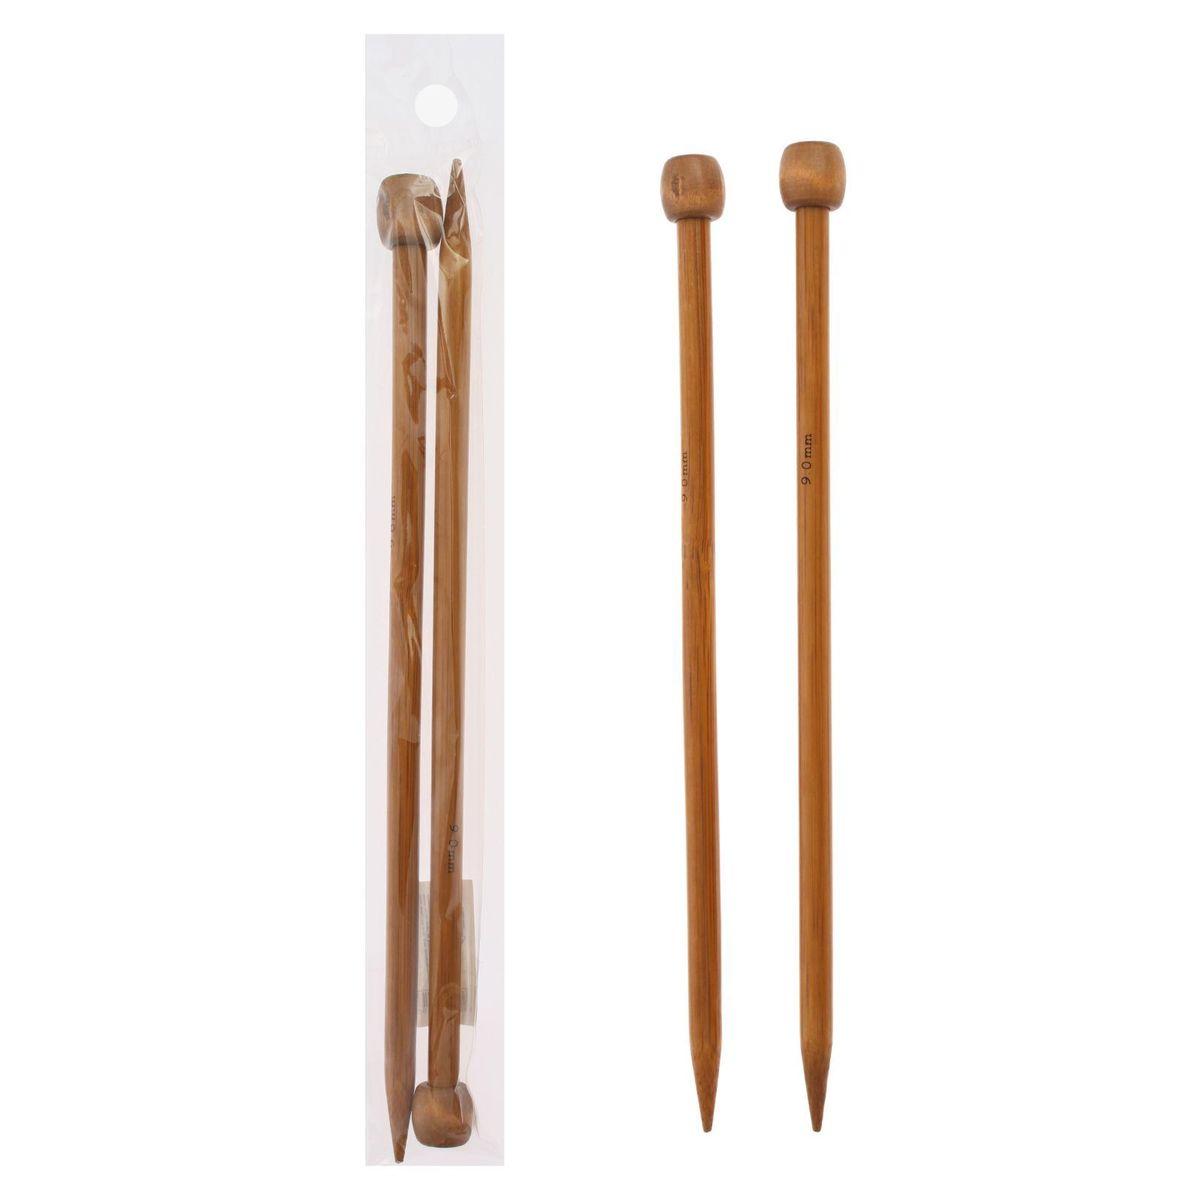 Спицы Sima-land, бамбуковые, прямые, диаметр 9 мм, длина 25 см, 2 шт сувенирное оружие sima land мушкет на планшете 2 шт 227436